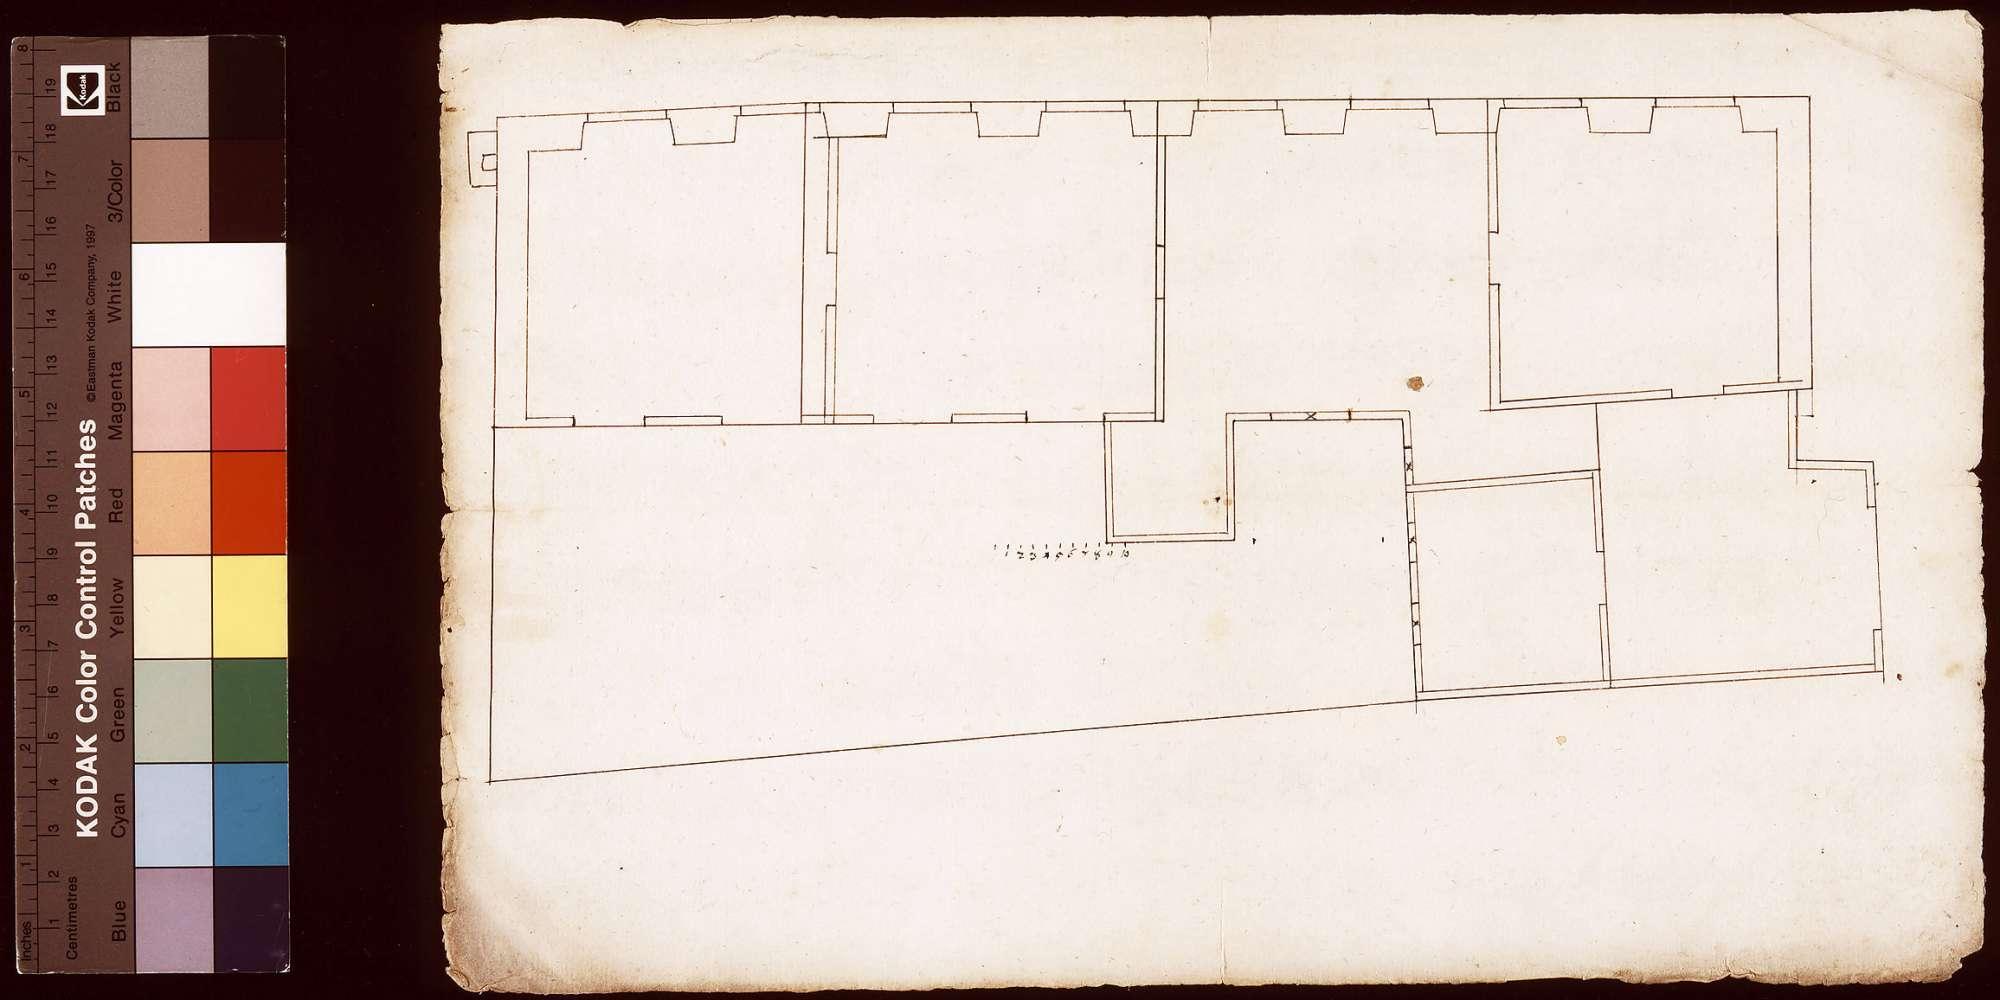 [Hausbau in der Brückengasse zu Wertheim], Bild 1